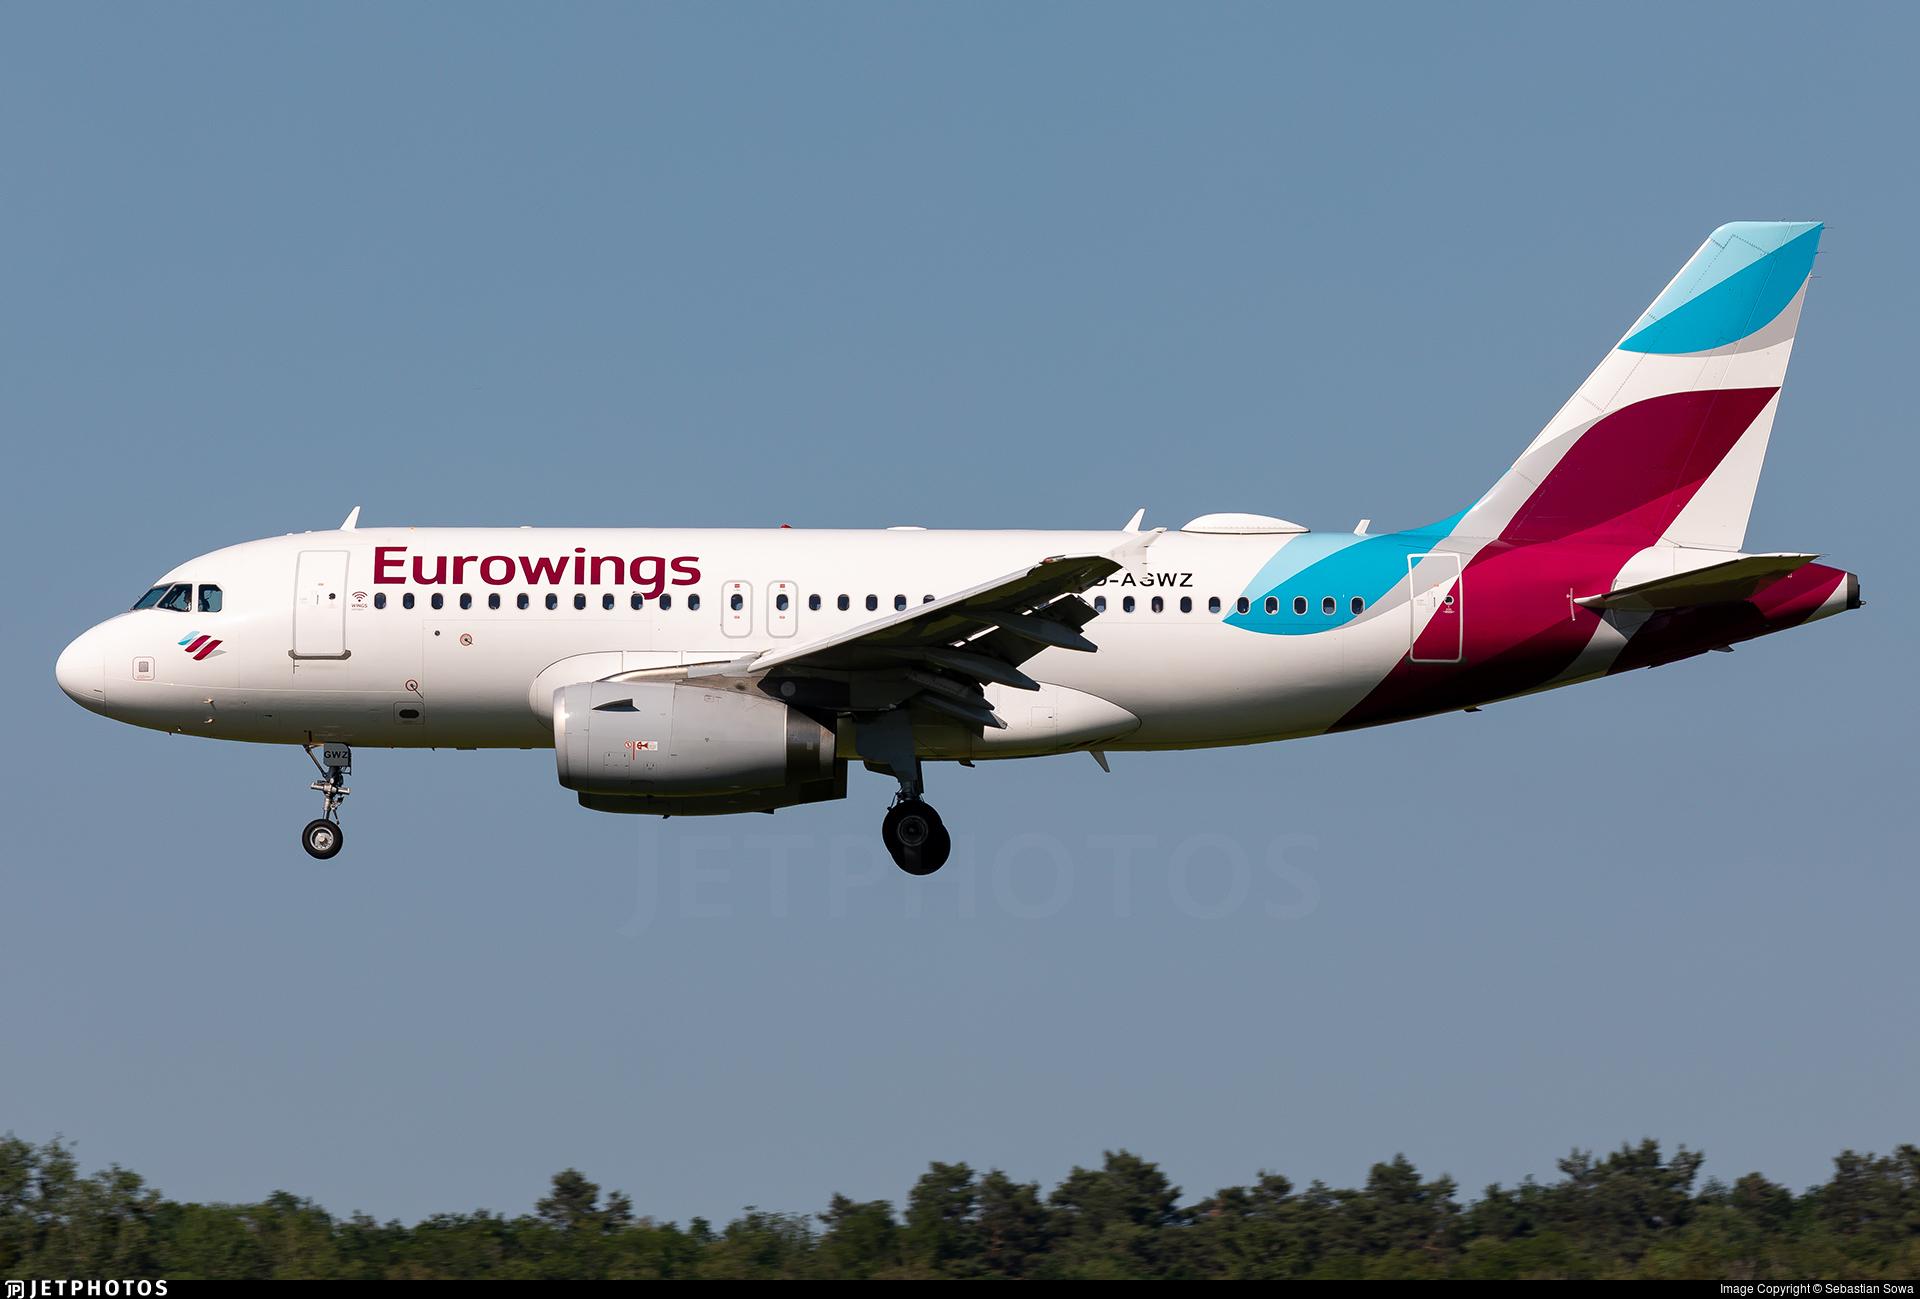 D-AGWZ - Airbus A319-132 - Eurowings